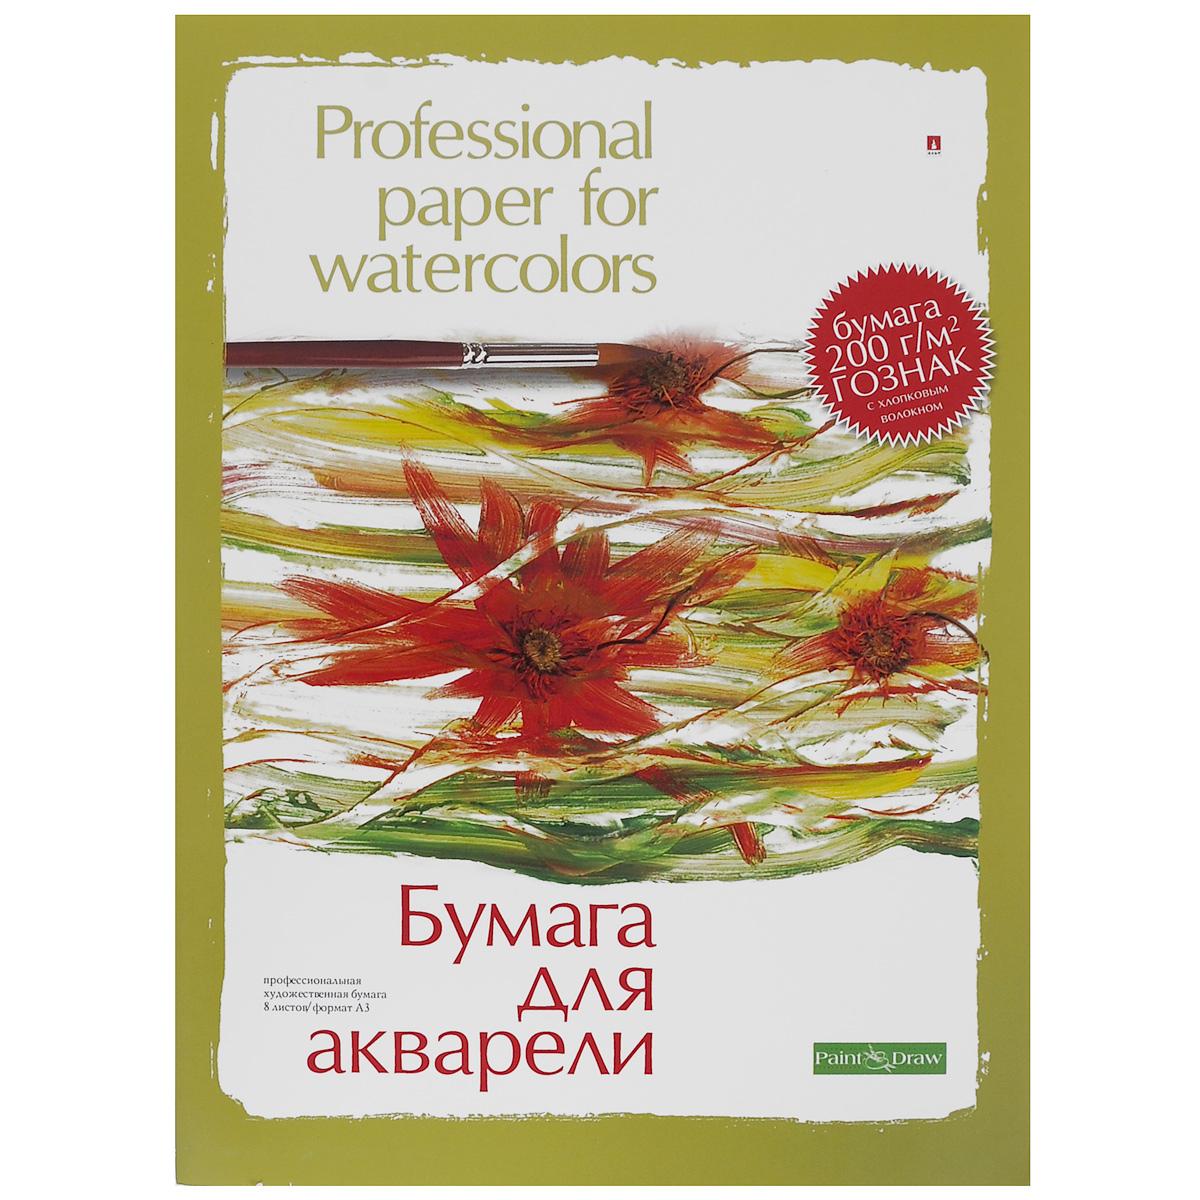 Бумага для акварели Альт, 8 листов, формат А3. 4-007_зеленый4-007_зеленыйПрофессиональная художественная бумага для акварели Альт идеально подходит для творчества начинающих и профессиональных художников. Это высококачественная бумага с хлопковым волокном, специально разработанная для рисования. Листы плотностью 200 г/м2 отлично удерживают красящий пигмент за счет добавления специального хлопкового волокна в бумажную массу при производстве. Стильная картонная папка плотностью 300 г/м2 не даст листам помяться при транспортировке. Папка содержит 8 листов формата A3.